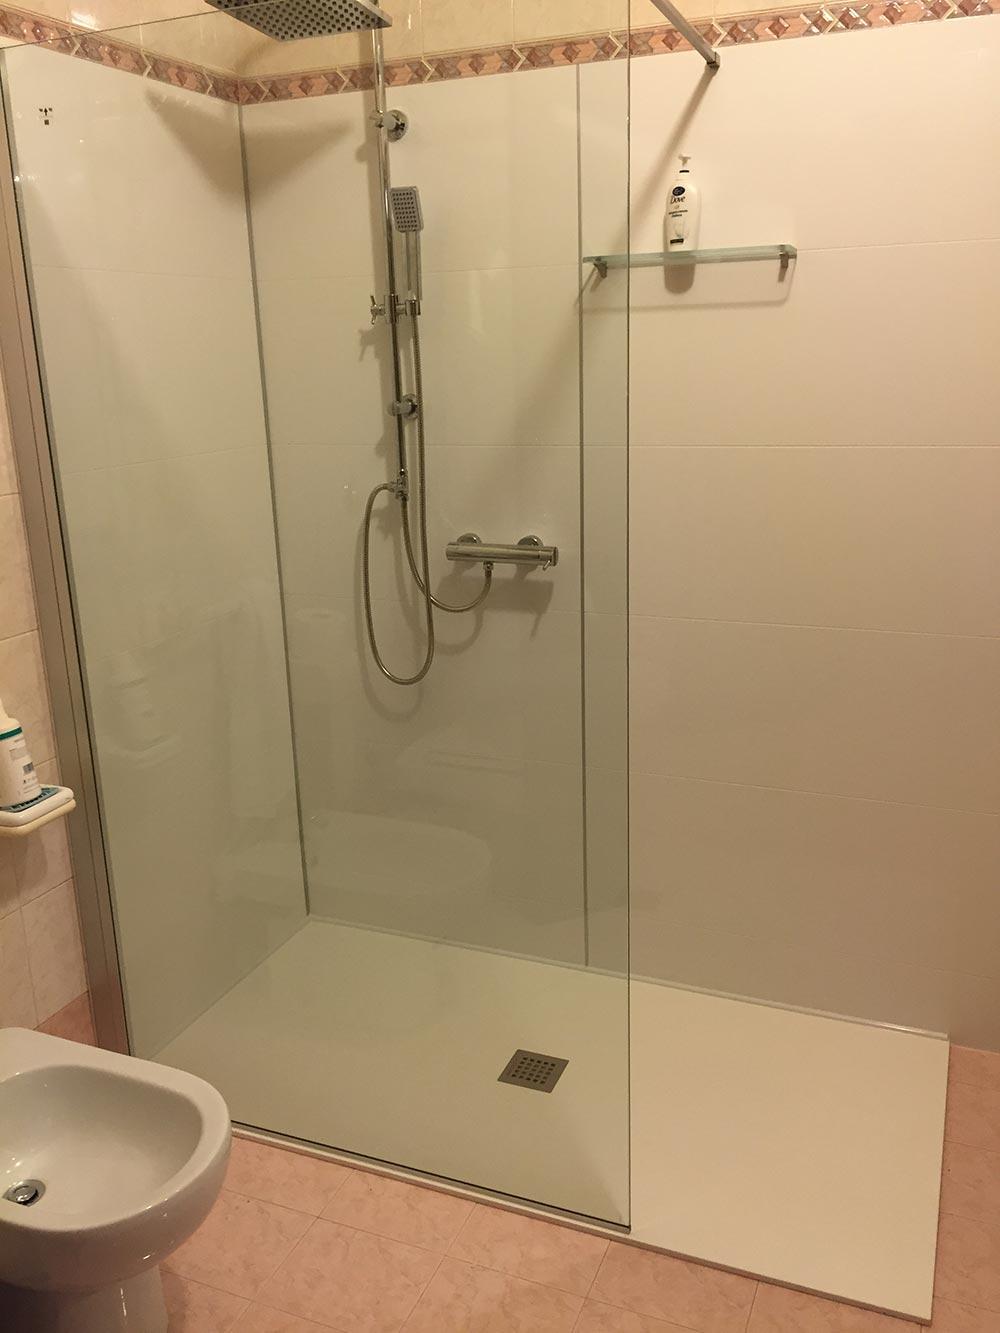 Trasformare vasca da bagno in doccia sarabagno - Doccia a filo pavimento ...